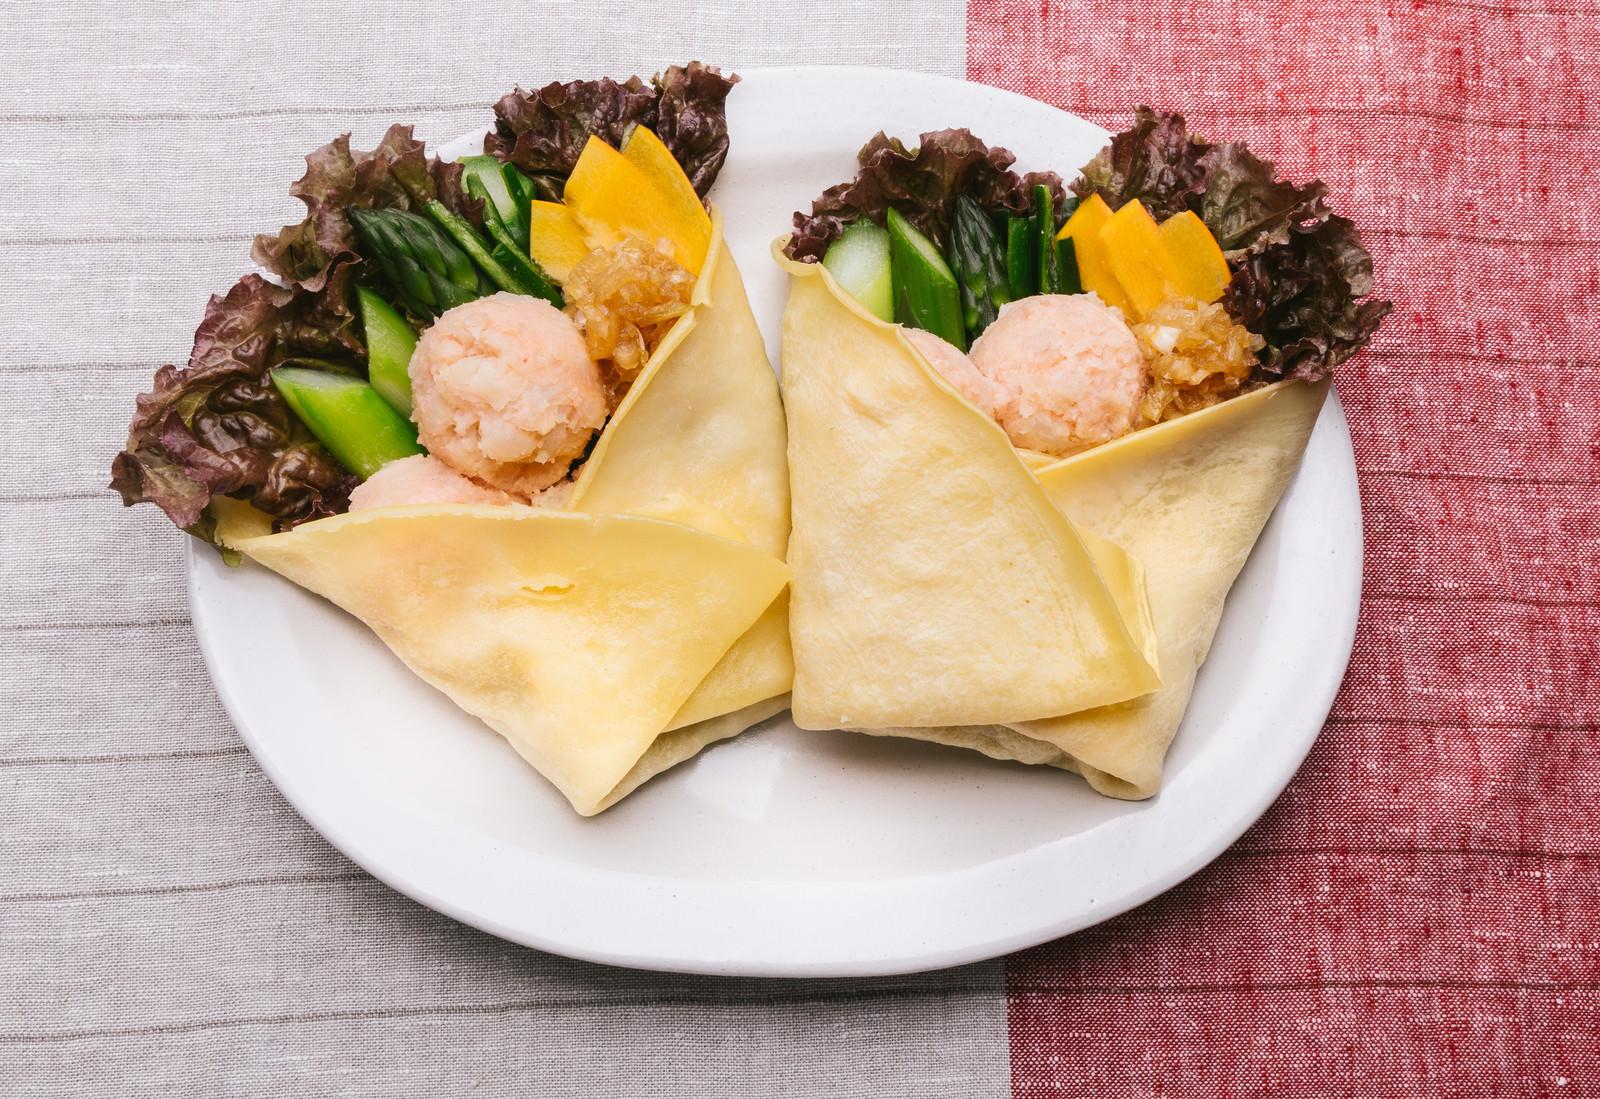 「野菜ドレッシングで食べる「明太ポテトと野菜のベジクレープ」野菜ドレッシングで食べる「明太ポテトと野菜のベジクレープ」」のフリー写真素材を拡大